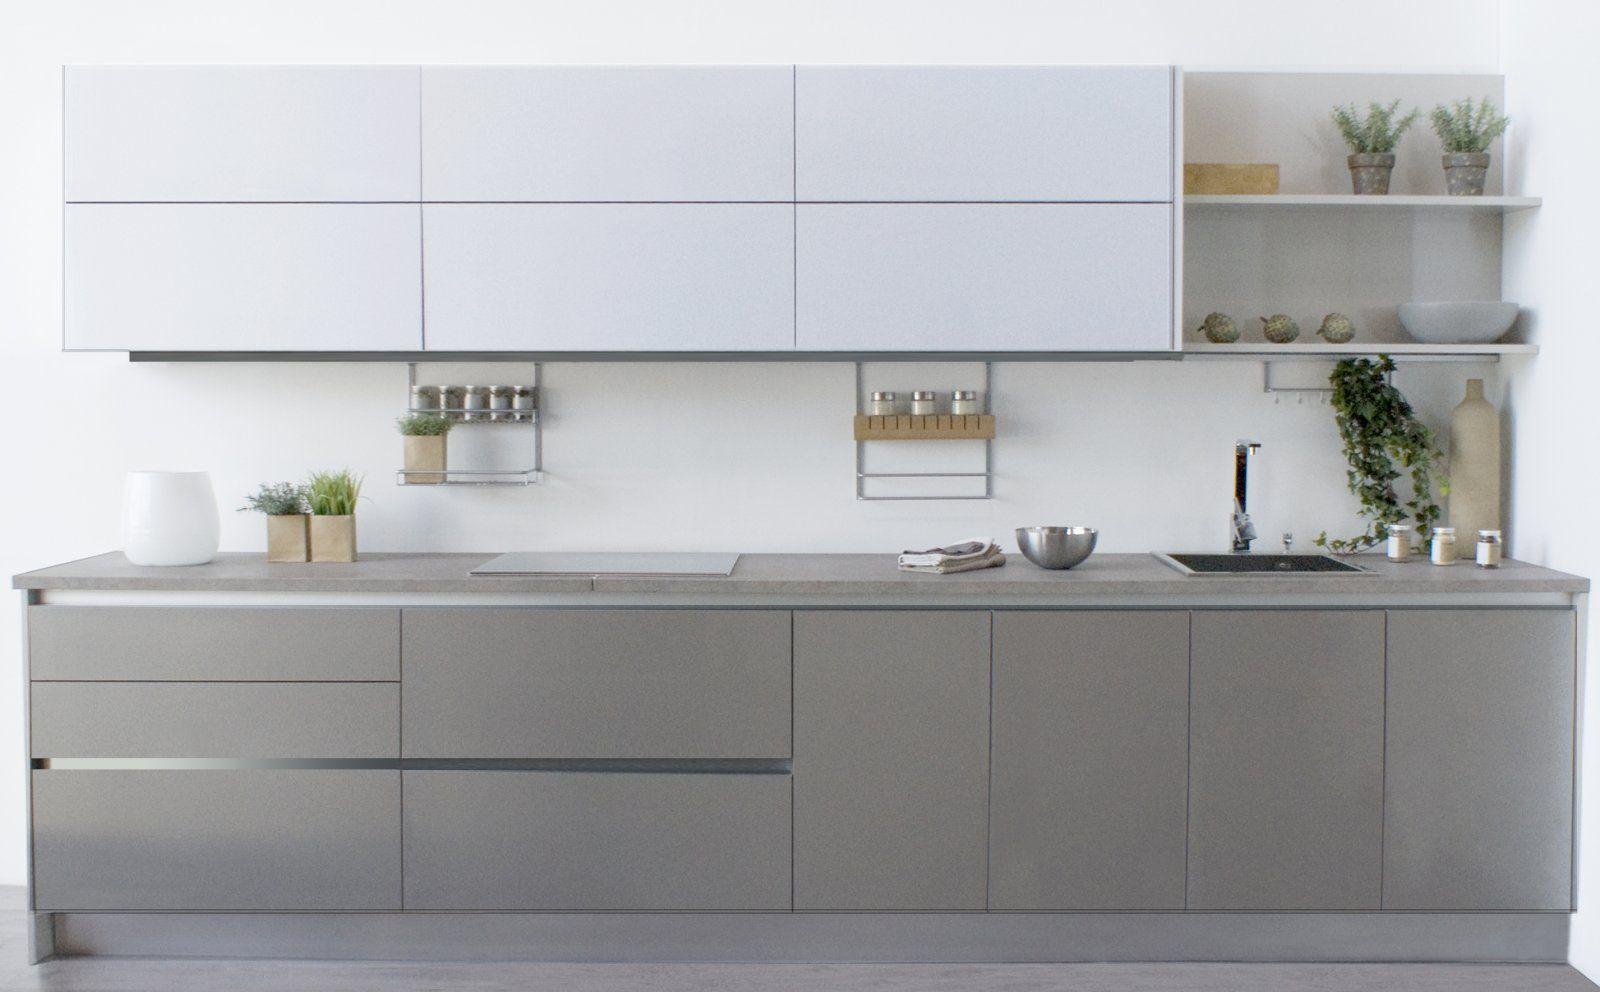 Cocina Muebles De Cocina Xey Precios Galer A De Fotos De  # Muebles Xey Opiniones